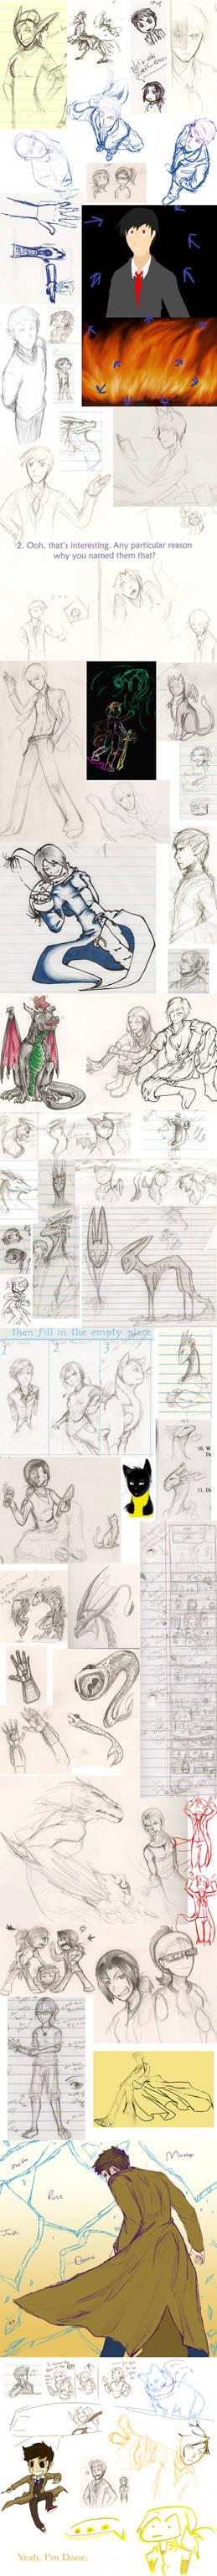 Sketch Dump--A METRIC TON